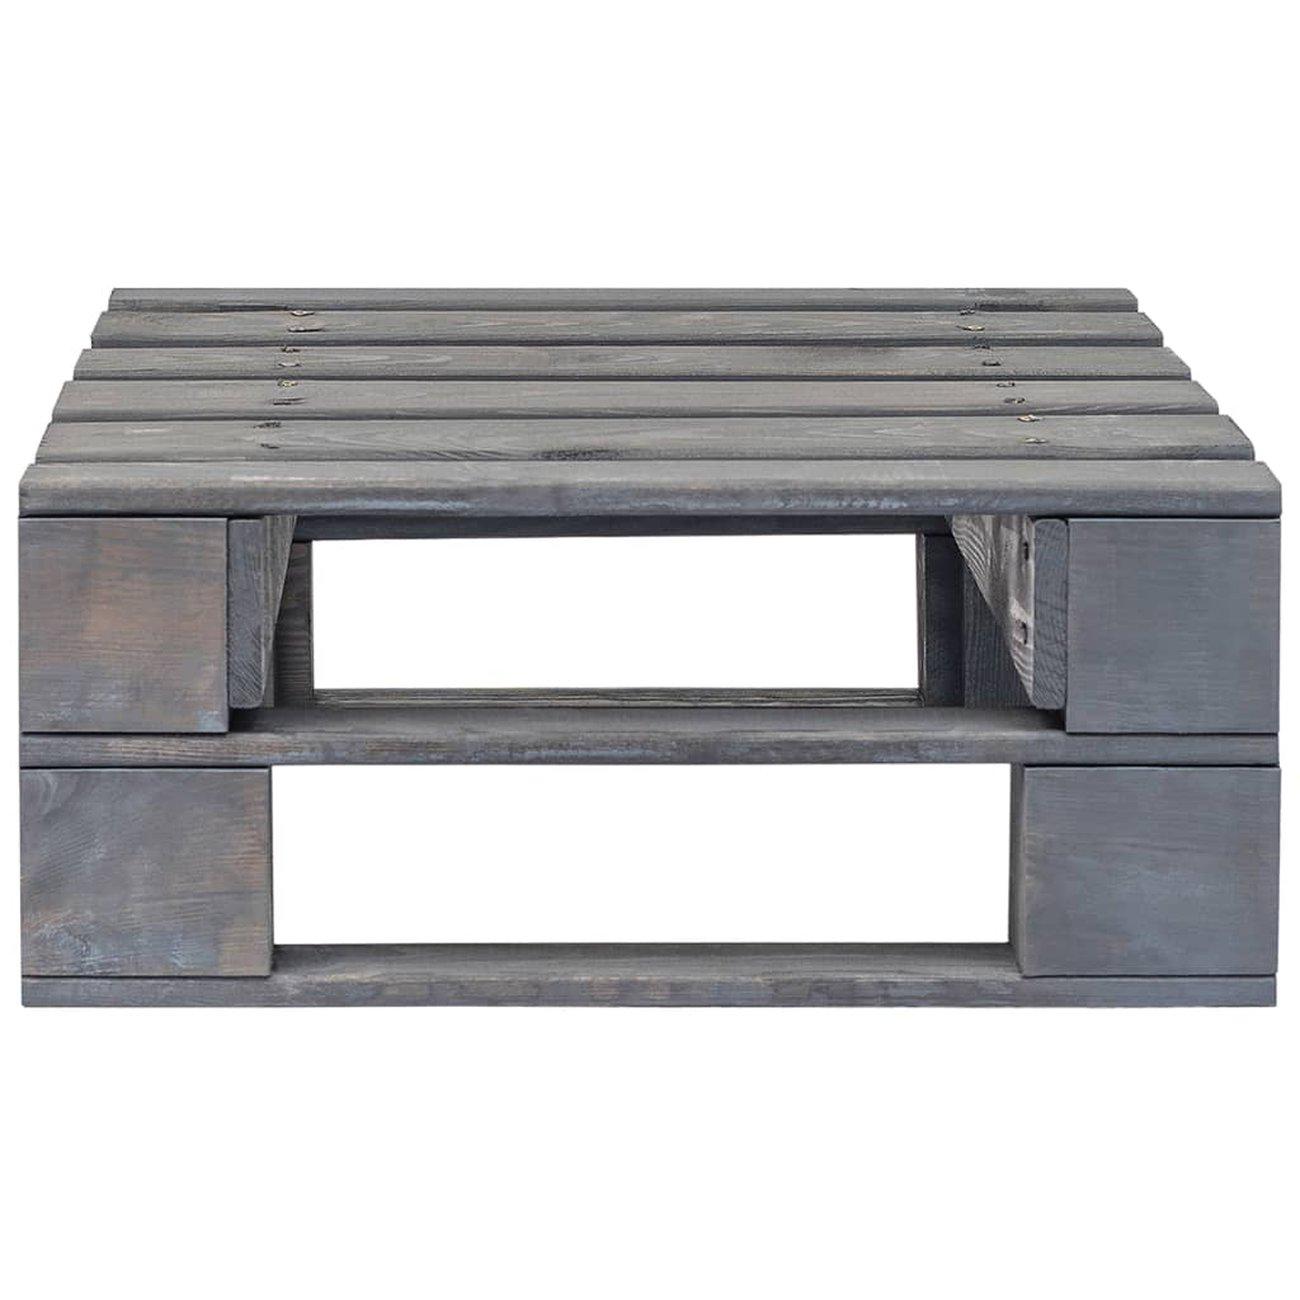 vidaxl repose pied palette de jardin bois fsc gris 3 v2